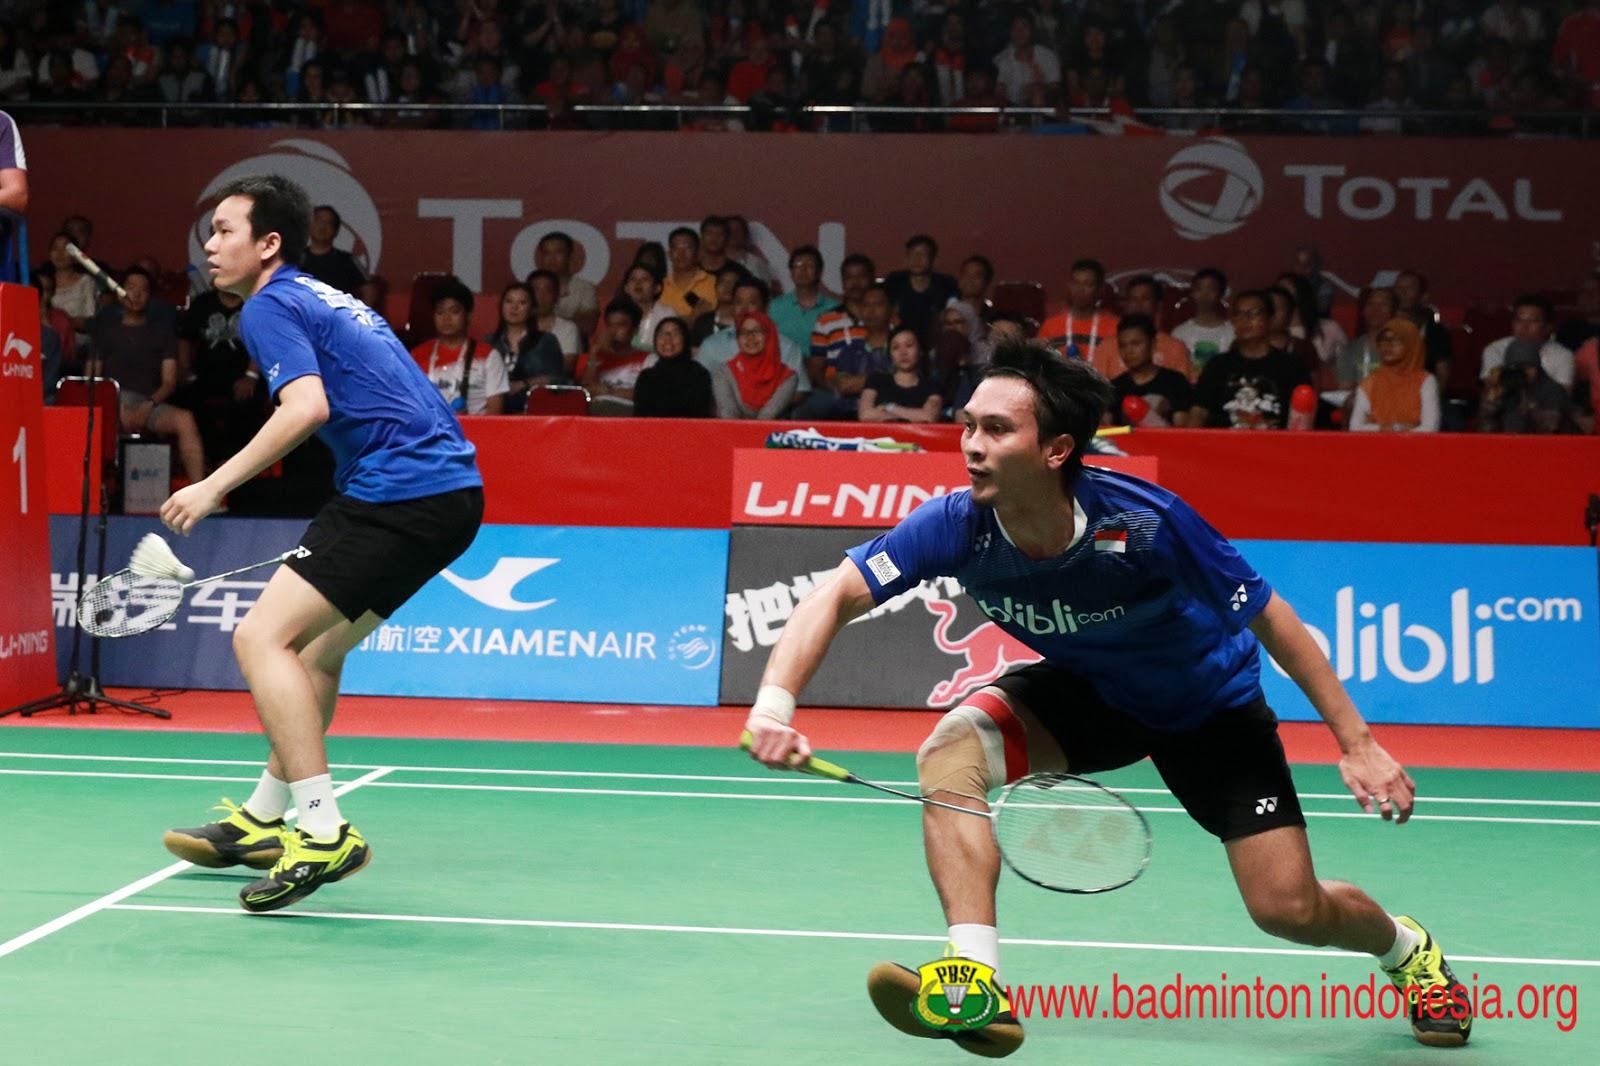 The BG Academy System™ - BG Badminton Academy